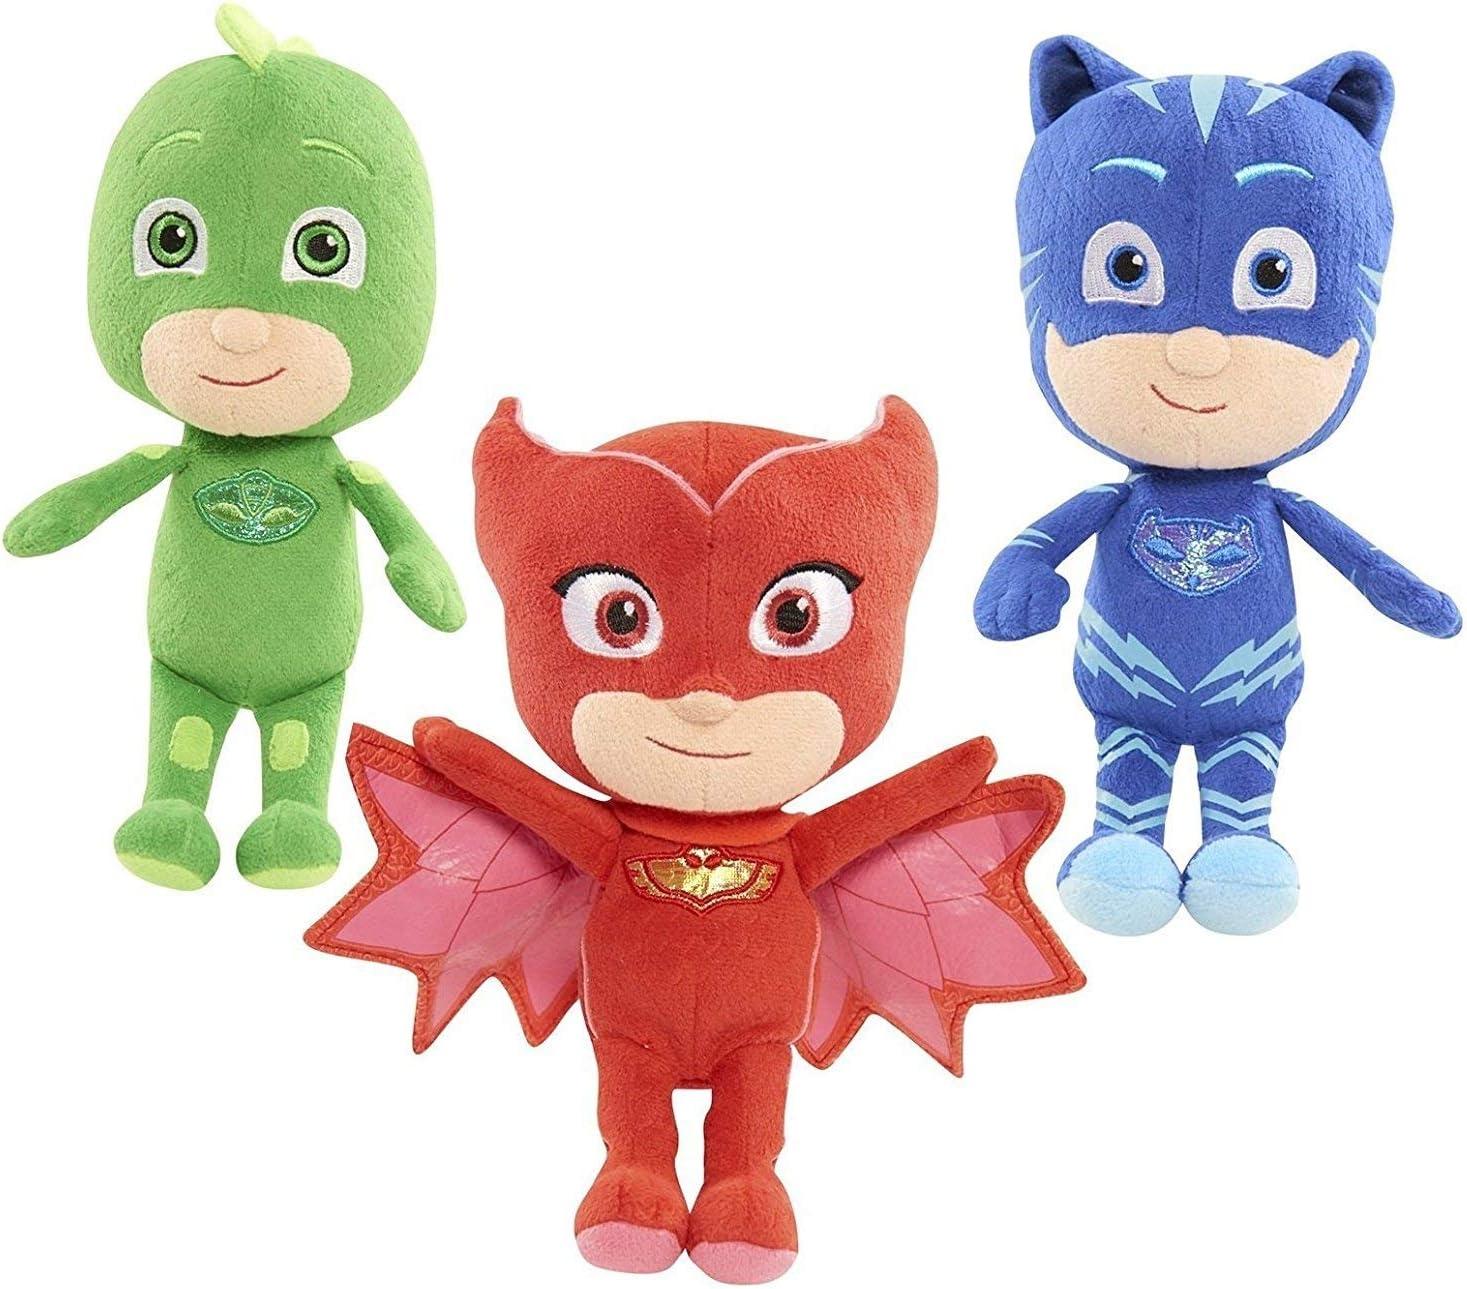 Gufetta Geco FROG BOX PJ Mask Set Completo 3 PELUCHE 20cm Personaggi SUPER PIGIAMINI Gattoboy